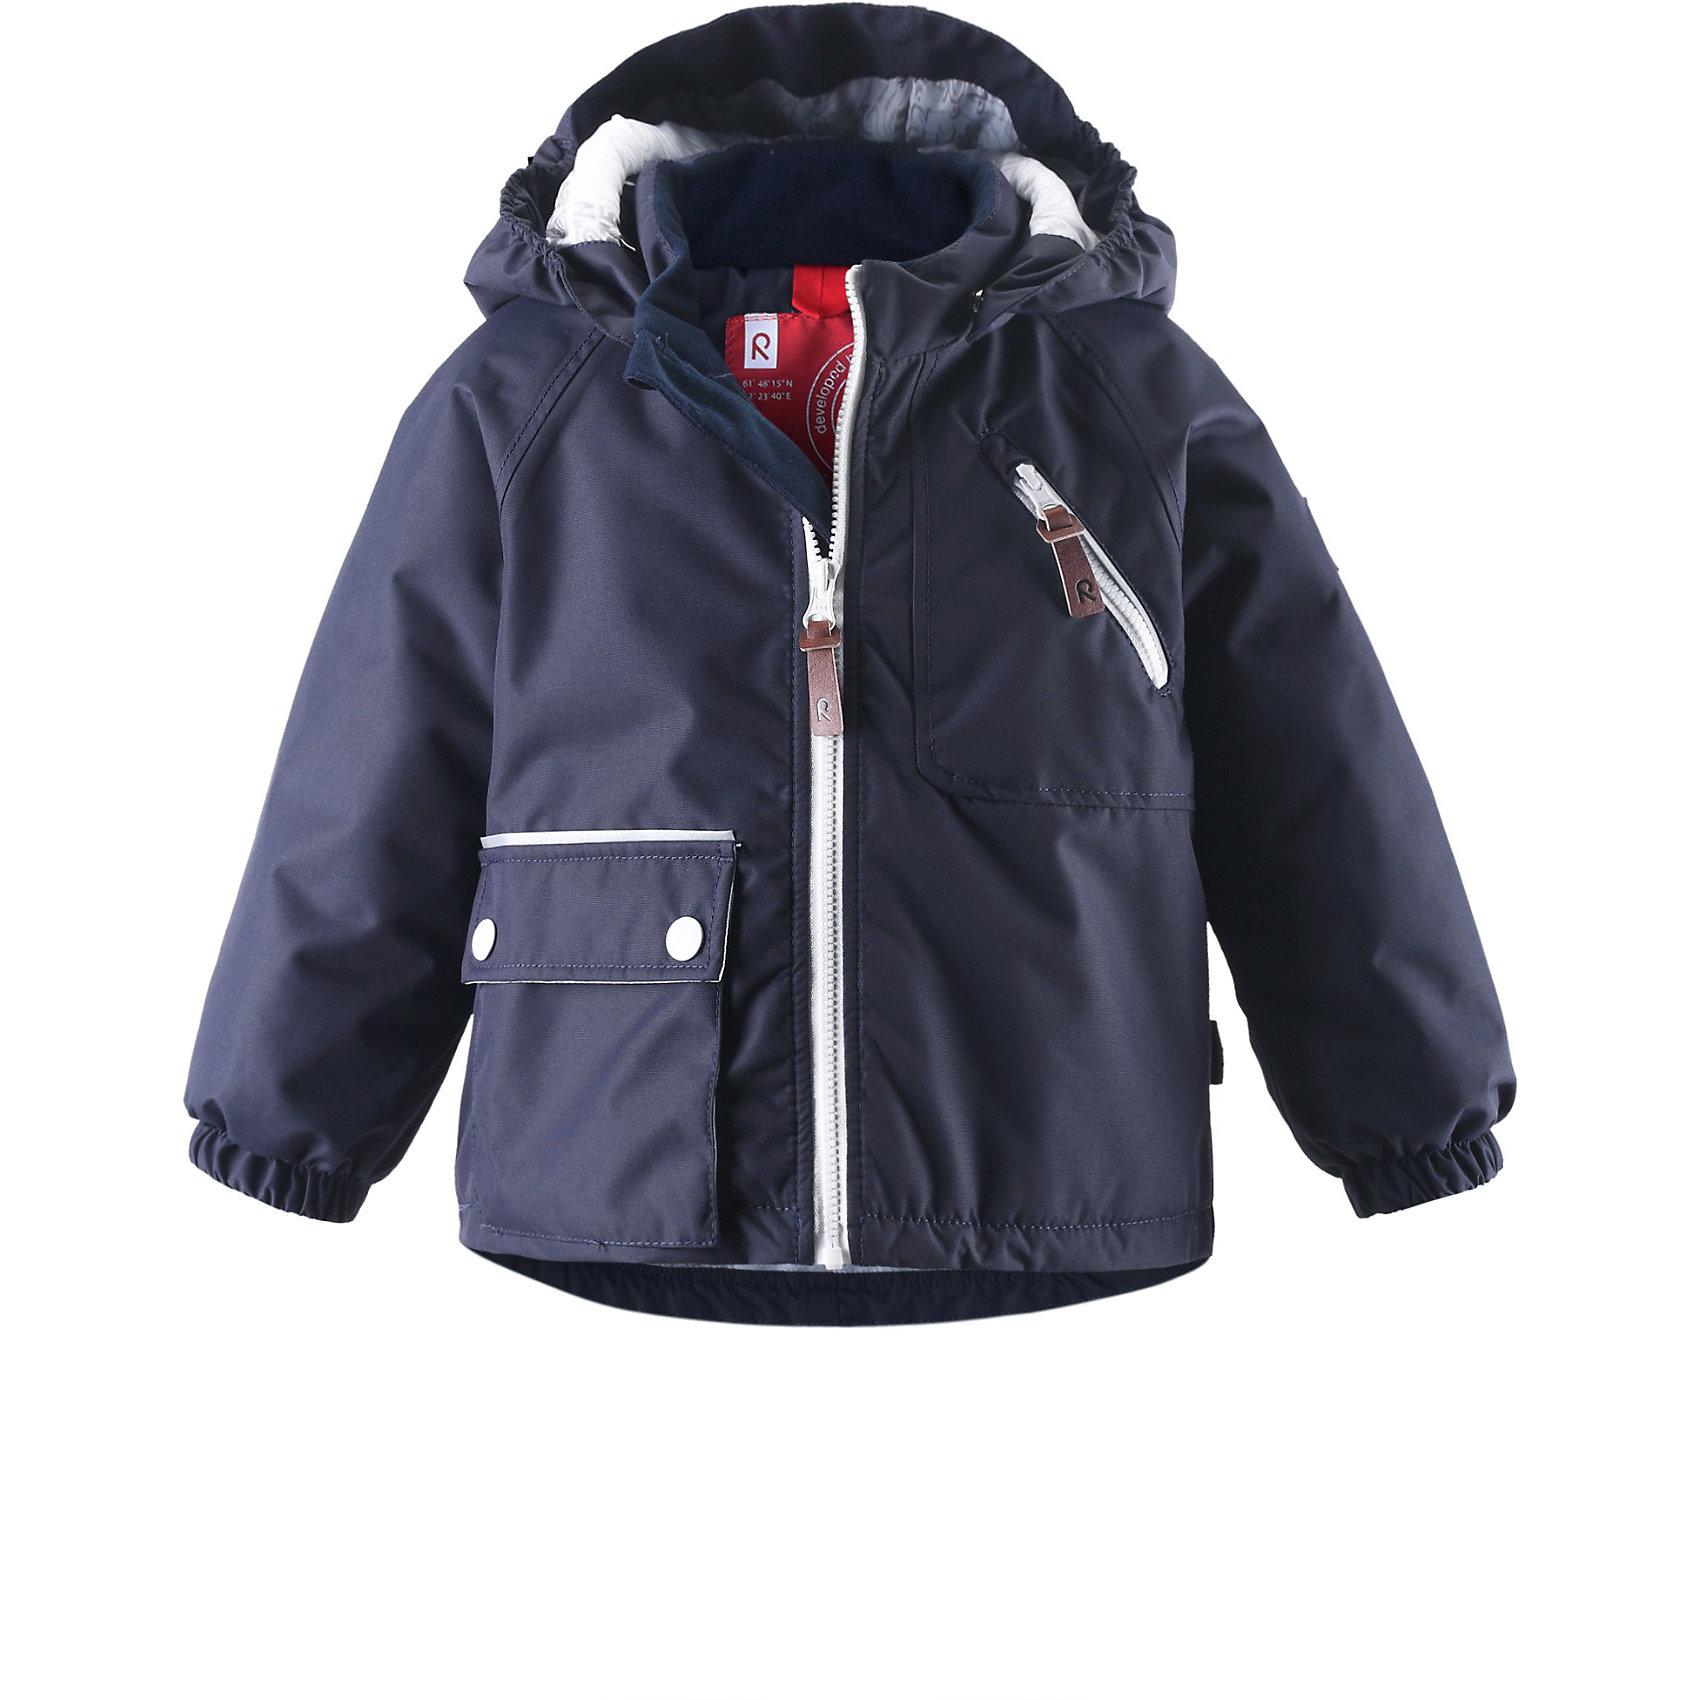 Куртка для мальчика ReimaВерхняя одежда<br>Куртка для мальчика от популярной финской марки Reima.<br>*Основные швы проклеены<br>*Подкладка с принтом<br>*Съемный капюшон<br>*Один карман на молнии и один накладной карман<br>*Светоотражающие детали<br>Состав:<br>100% Полиэстер, Полиуретан-покрытие<br>Средняя степень утепления (до - 20)<br>Материал верха:<br>Водостойкость: 5000<br>Износостойкость: 30000<br>Воздухопроводимость: 3000<br>Утеплитель: 160 г<br><br>Куртку для мальчика Reima (Рейма) можно купить в нашем магазине.<br><br>Ширина мм: 356<br>Глубина мм: 10<br>Высота мм: 245<br>Вес г: 519<br>Цвет: полуночно-синий<br>Возраст от месяцев: 12<br>Возраст до месяцев: 18<br>Пол: Мужской<br>Возраст: Детский<br>Размер: 86,74,98,92,80<br>SKU: 3746665